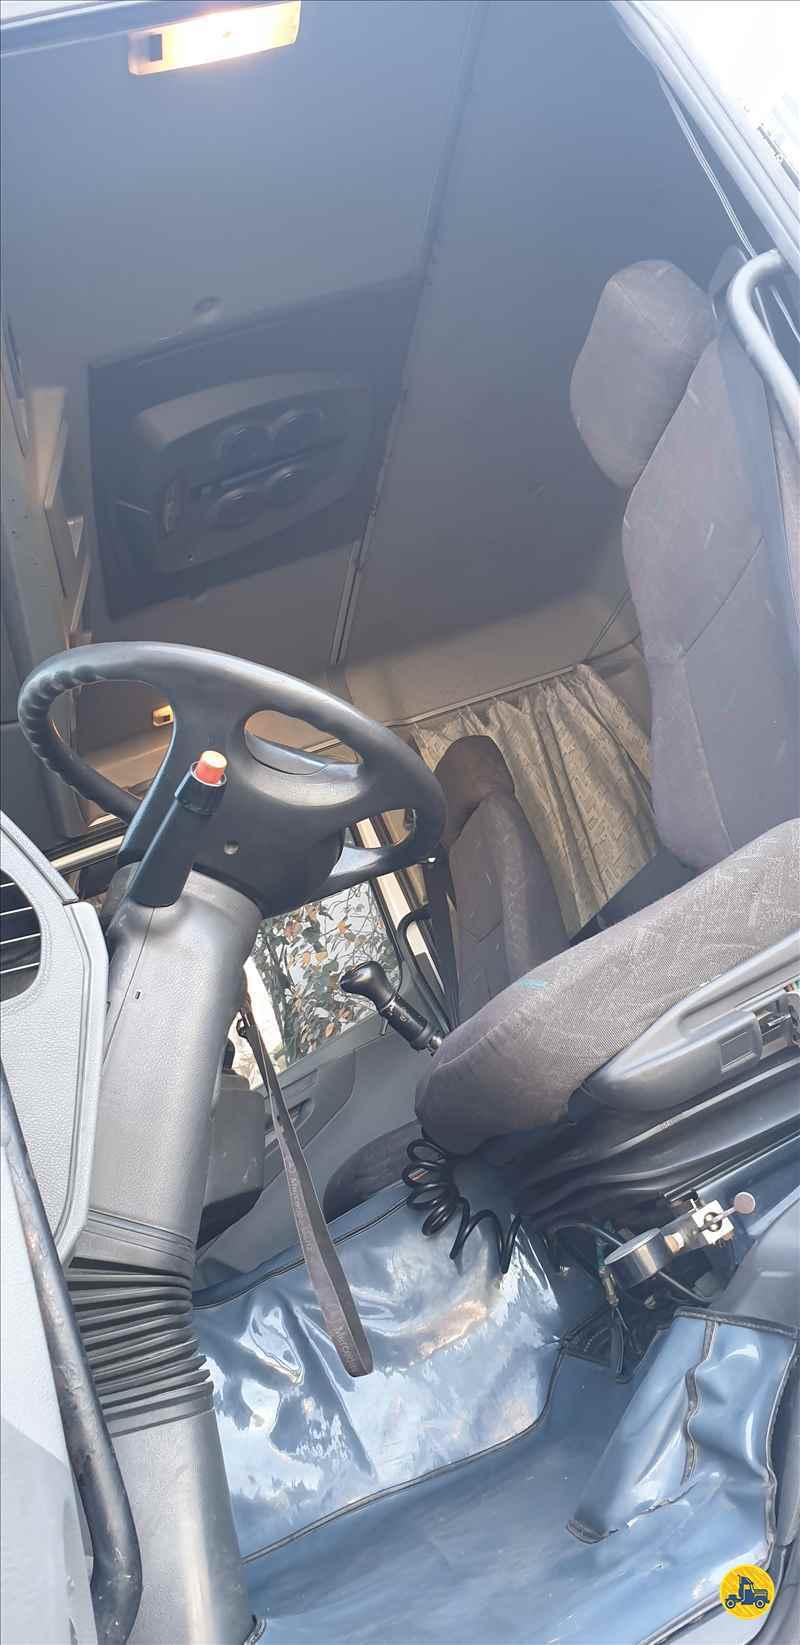 MERCEDES-BENZ MB 2540 880000km 2009/2009 Rápido Caminhões